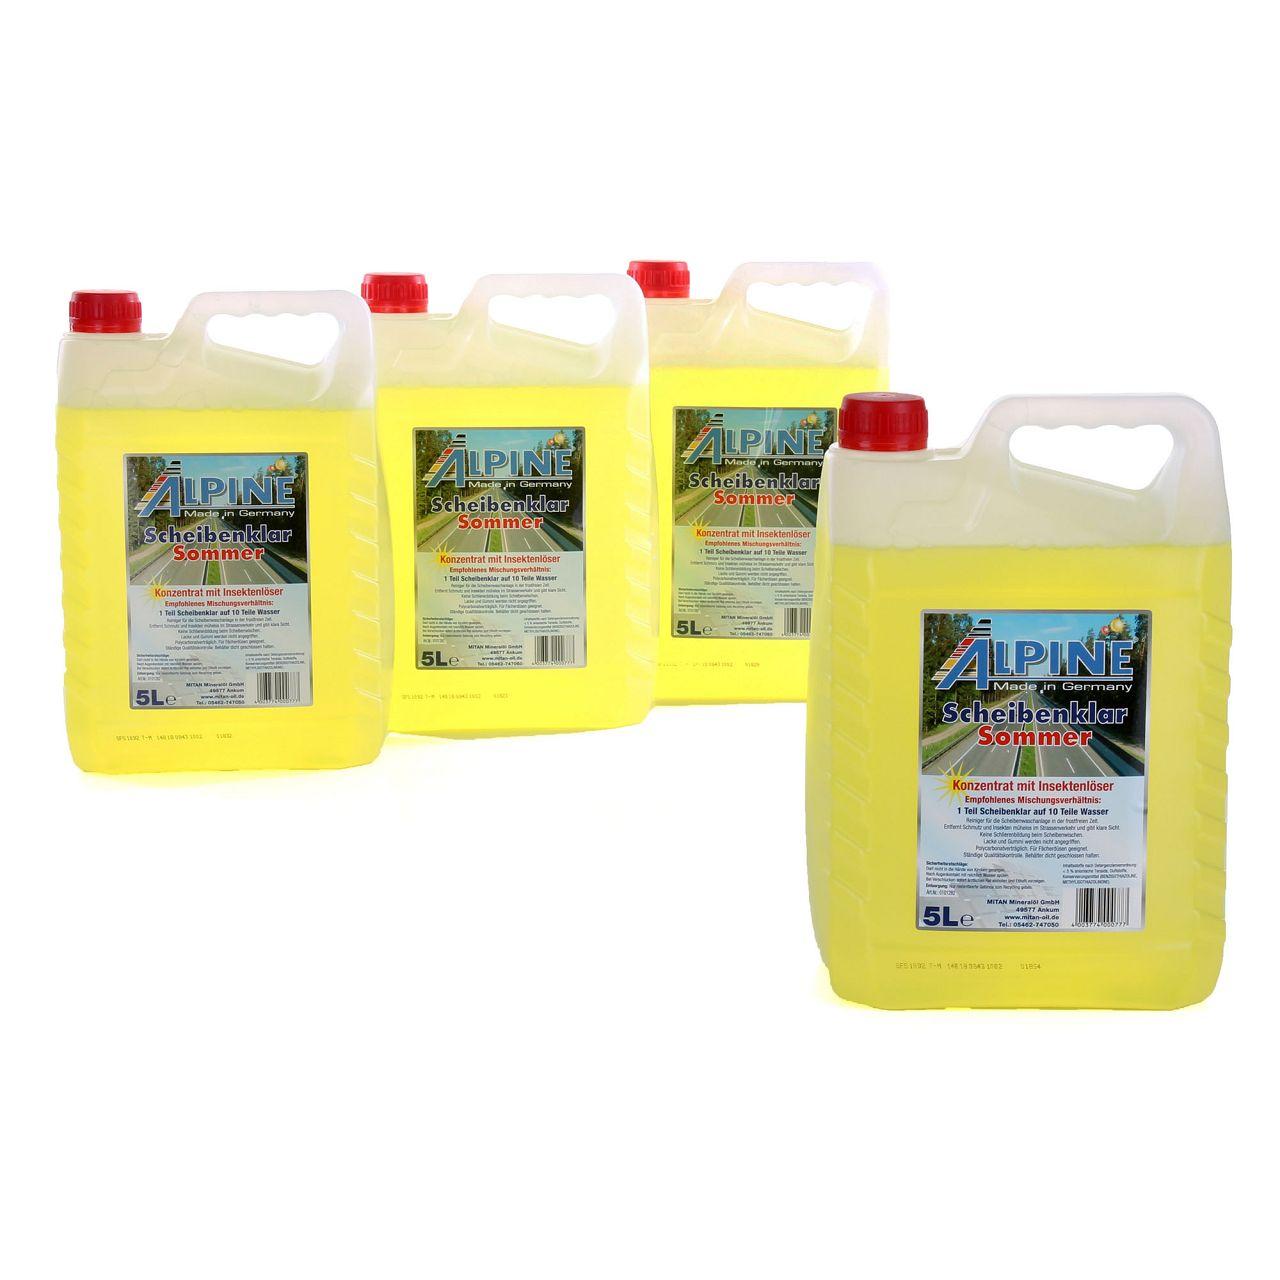 ALPINE Scheibenklar Sommer 1:10 Konzentrat Insektenlöser Citrusduft - 20 Liter